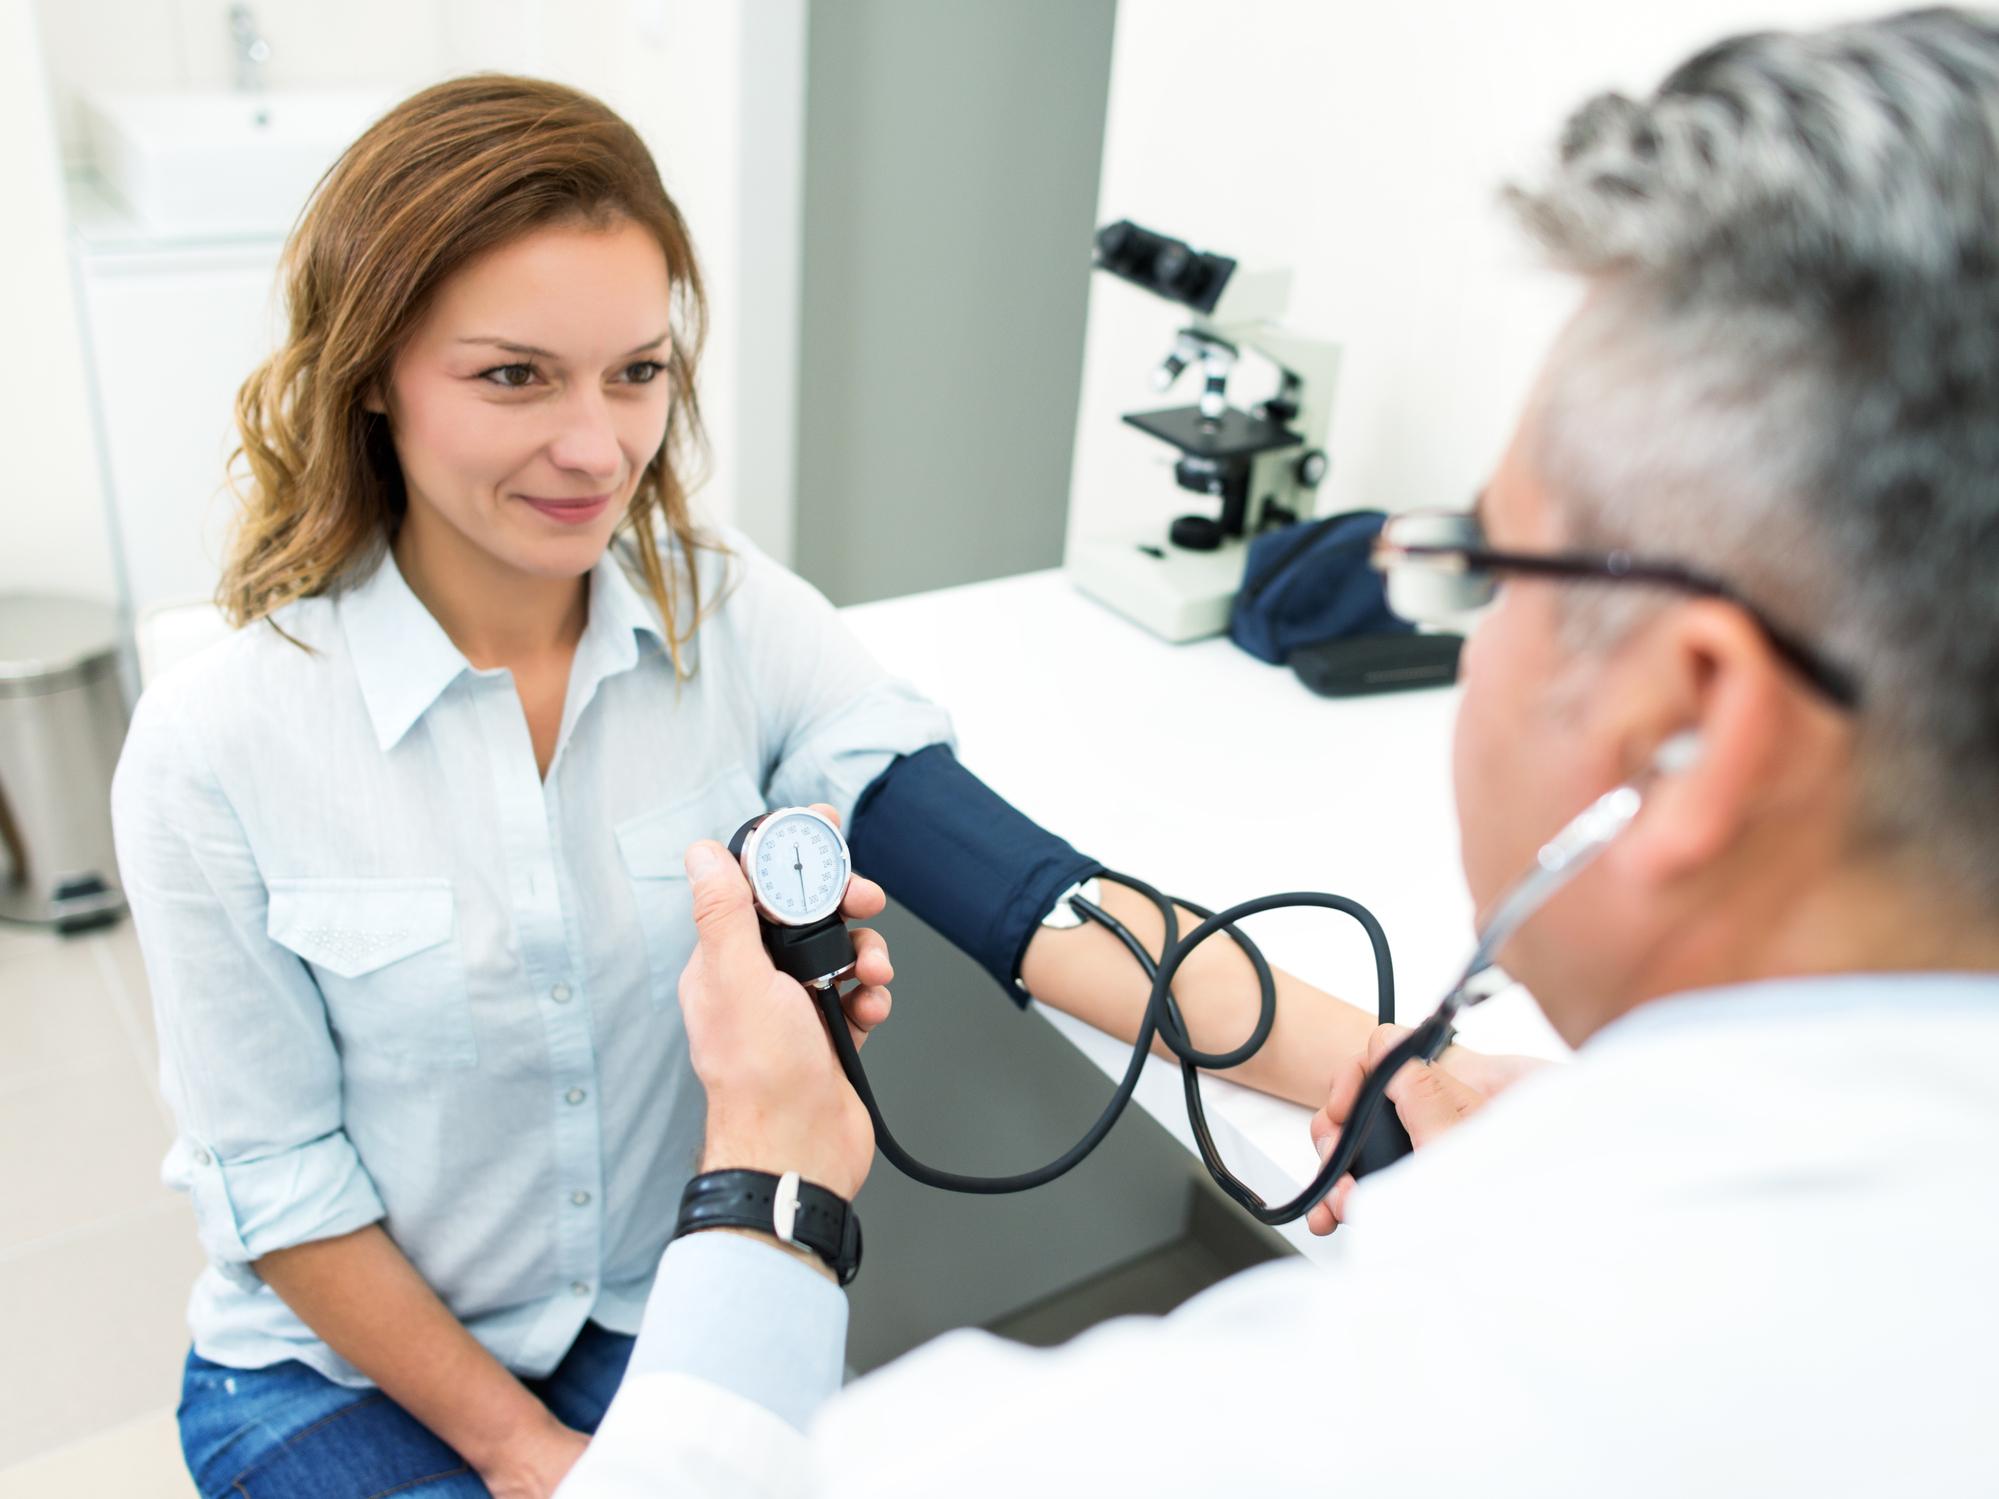 beszélgetések a magas vérnyomás megelőzése)